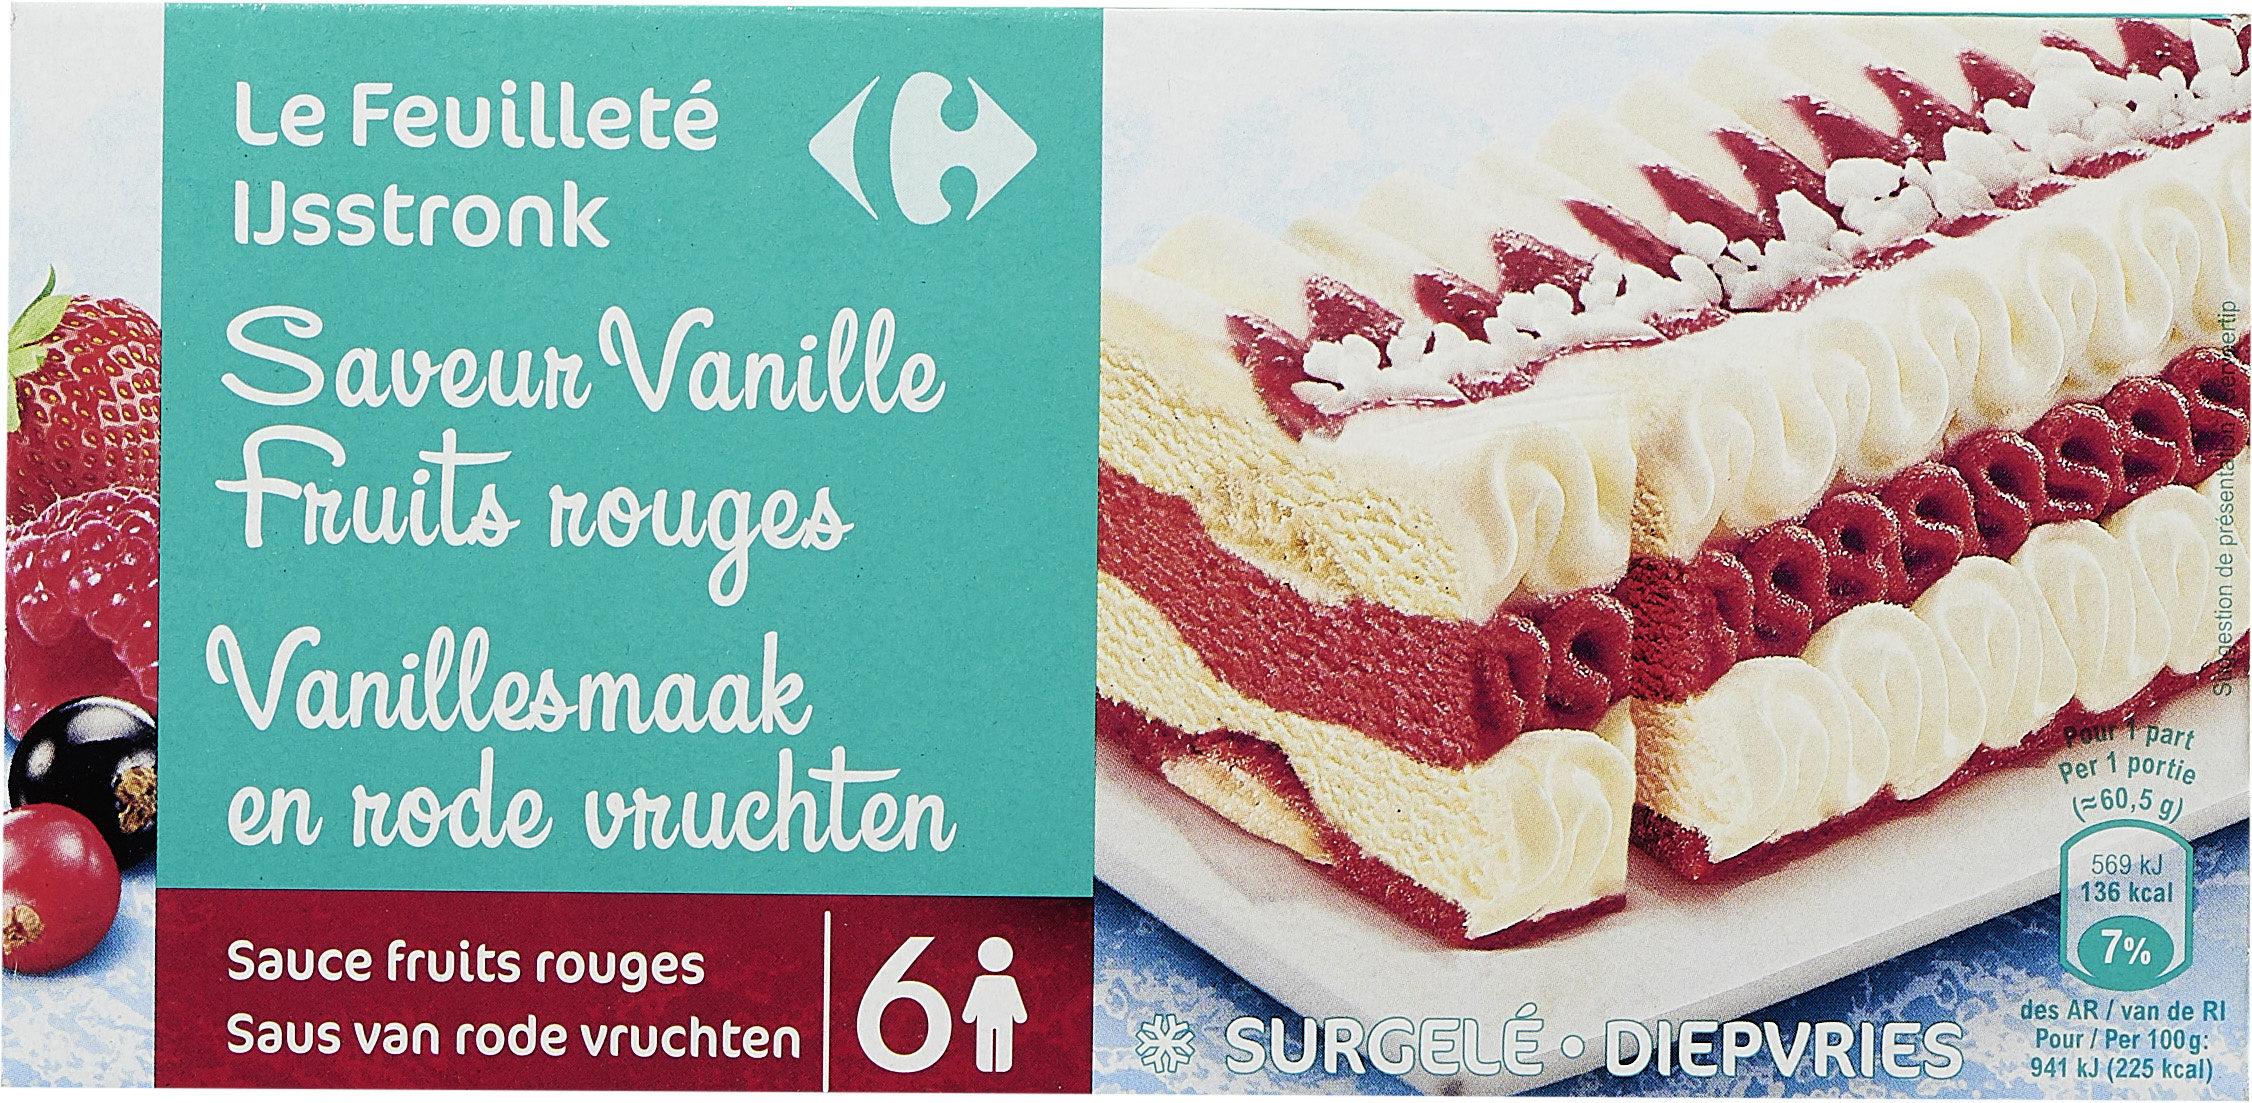 Le feuilleté Saveur vanille fruits rouges - Product - fr